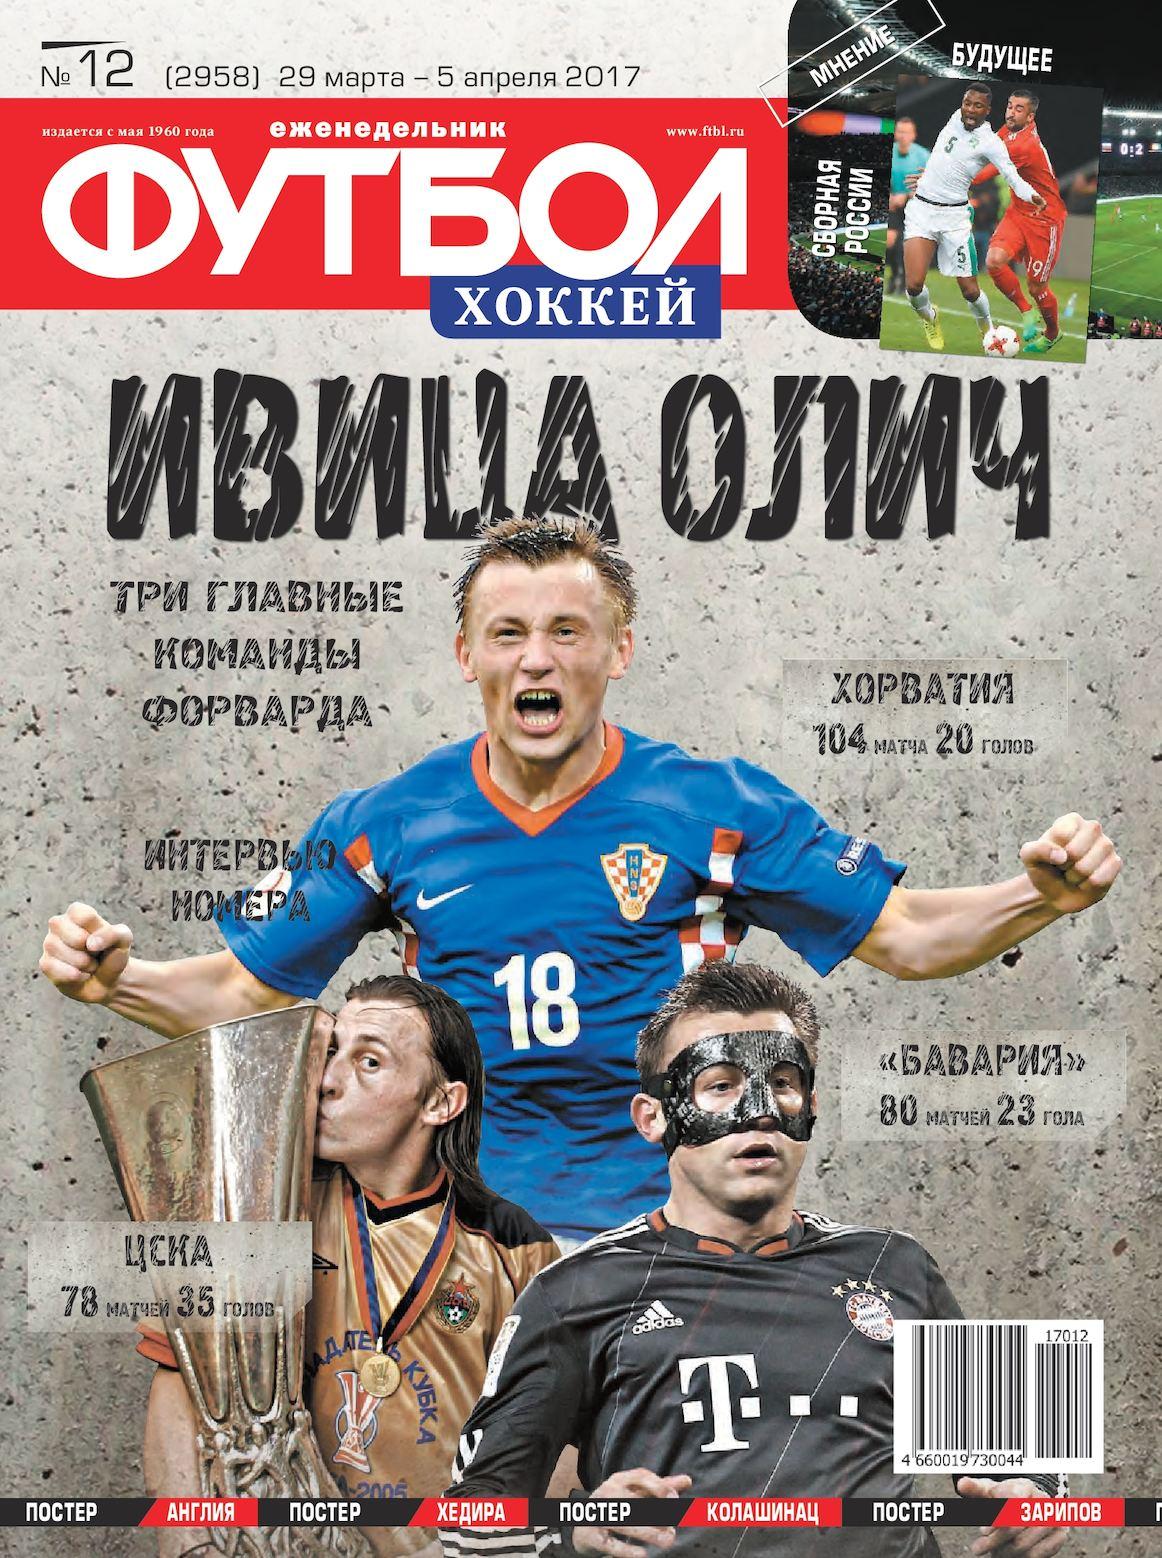 Еженедельник футбол статья русский вольфсбург